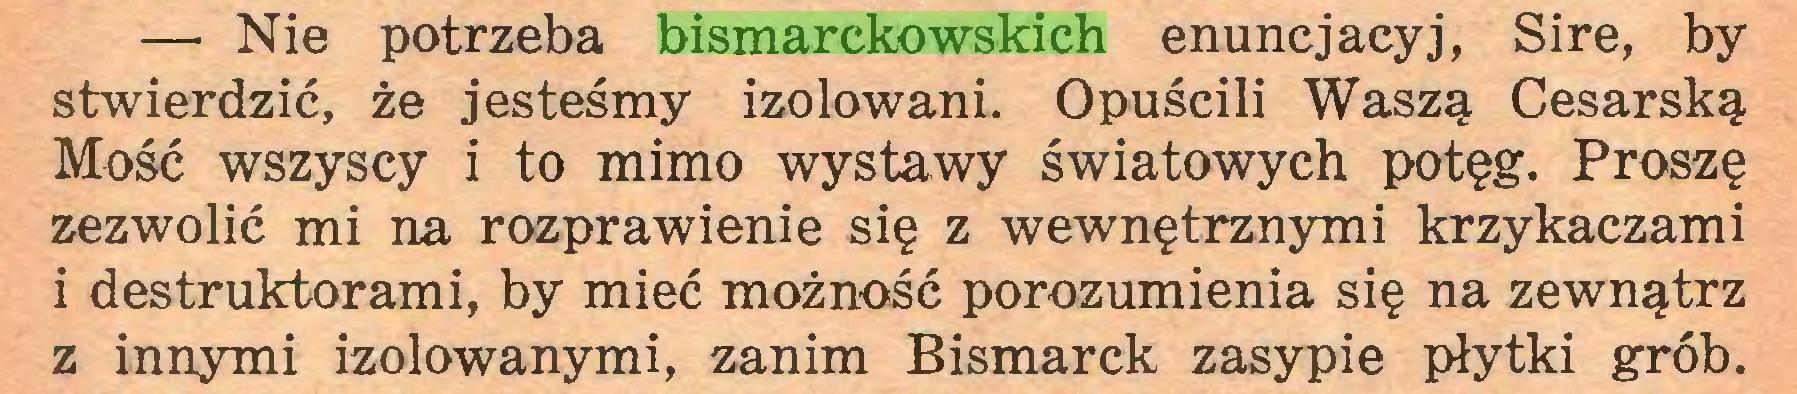 (...) — Nie potrzeba bismarckowskich enuncjacyj, Sire, by stwierdzić, że jesteśmy izolowani. Opuścili Waszą Cesarską Mość wszyscy i to mimo wystawy światowych potęg. Proszę zezwolić mi na rozprawienie się z wewnętrznymi krzykaczami i destruktorami, by mieć możność porozumienia się na zewnątrz z innymi izolowanymi, zanim Bismarck zasypie płytki grób...